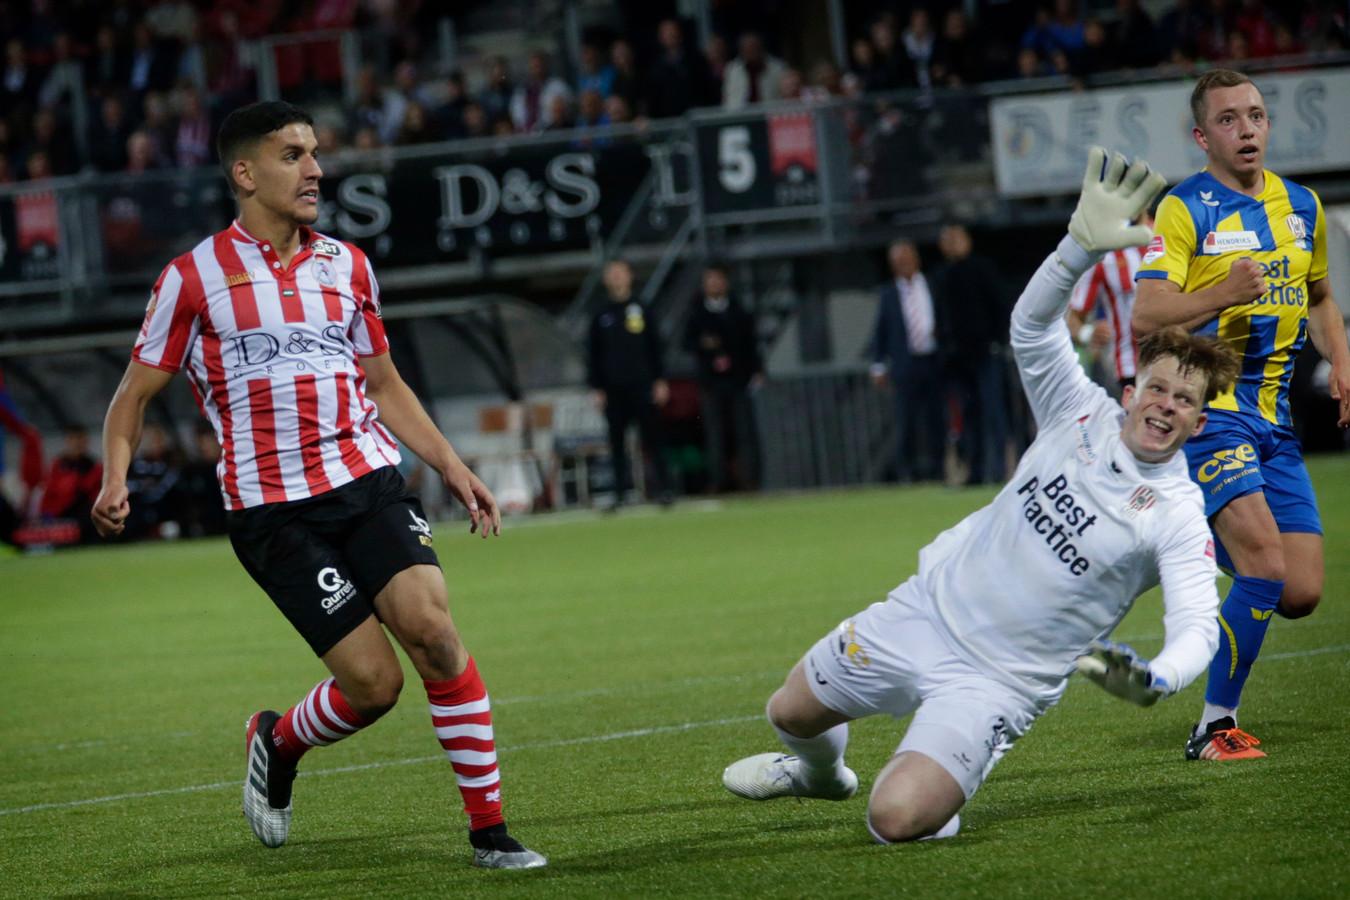 Een sterk keepende Ronald Koeman voorkwam dat Sparta in de eerste helft al ruim afstand nam van TOP.